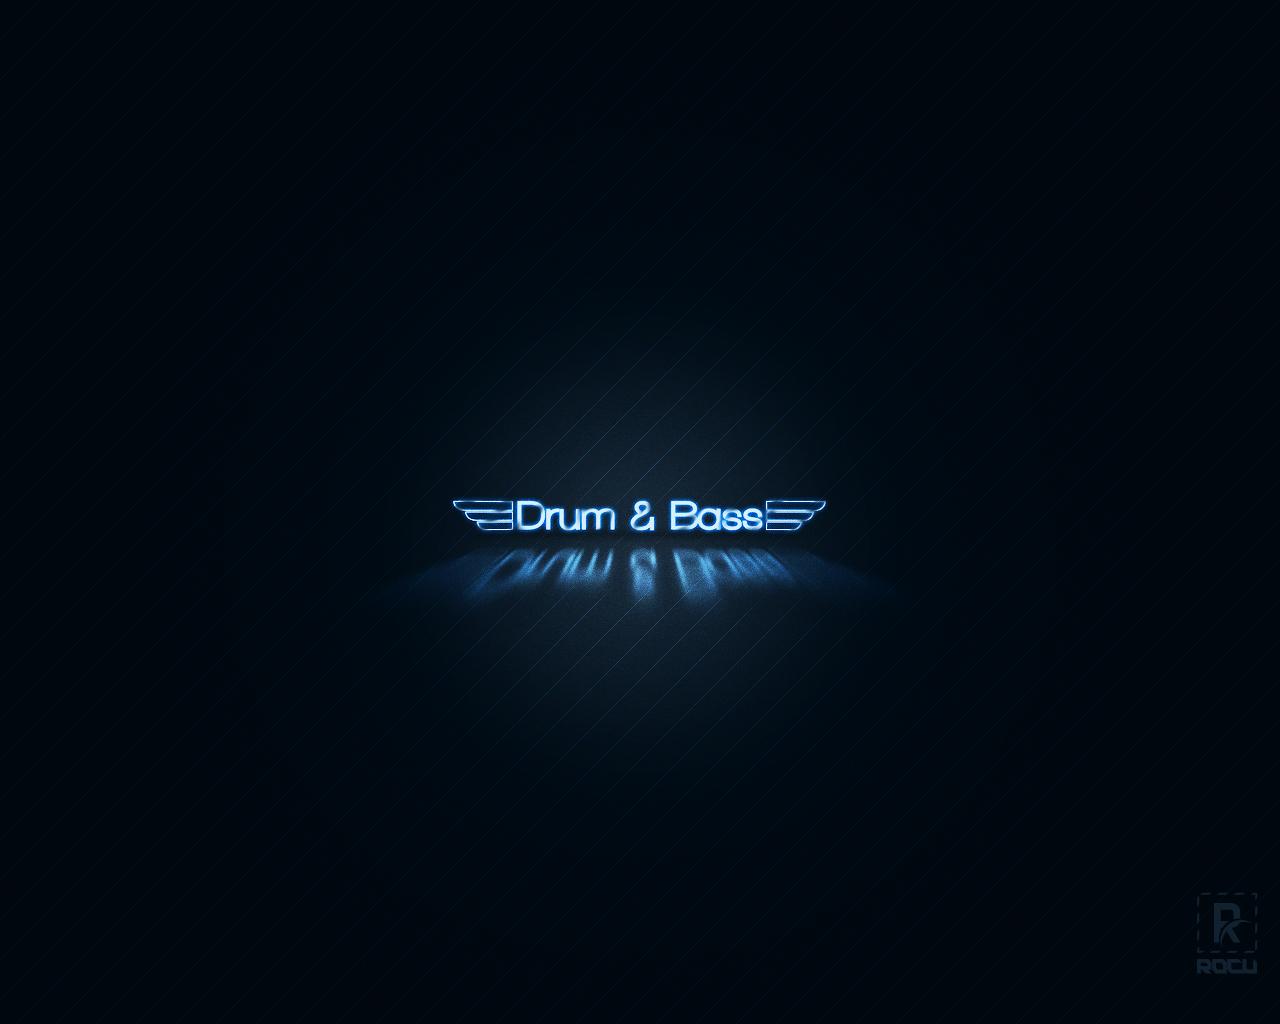 http://2.bp.blogspot.com/-zLzTP2hahpA/Ttcn0TOaZvI/AAAAAAAAANA/s_1ICmq8omA/s1600/drum_and_bass_background_by_rocu-d2zish5.jpg